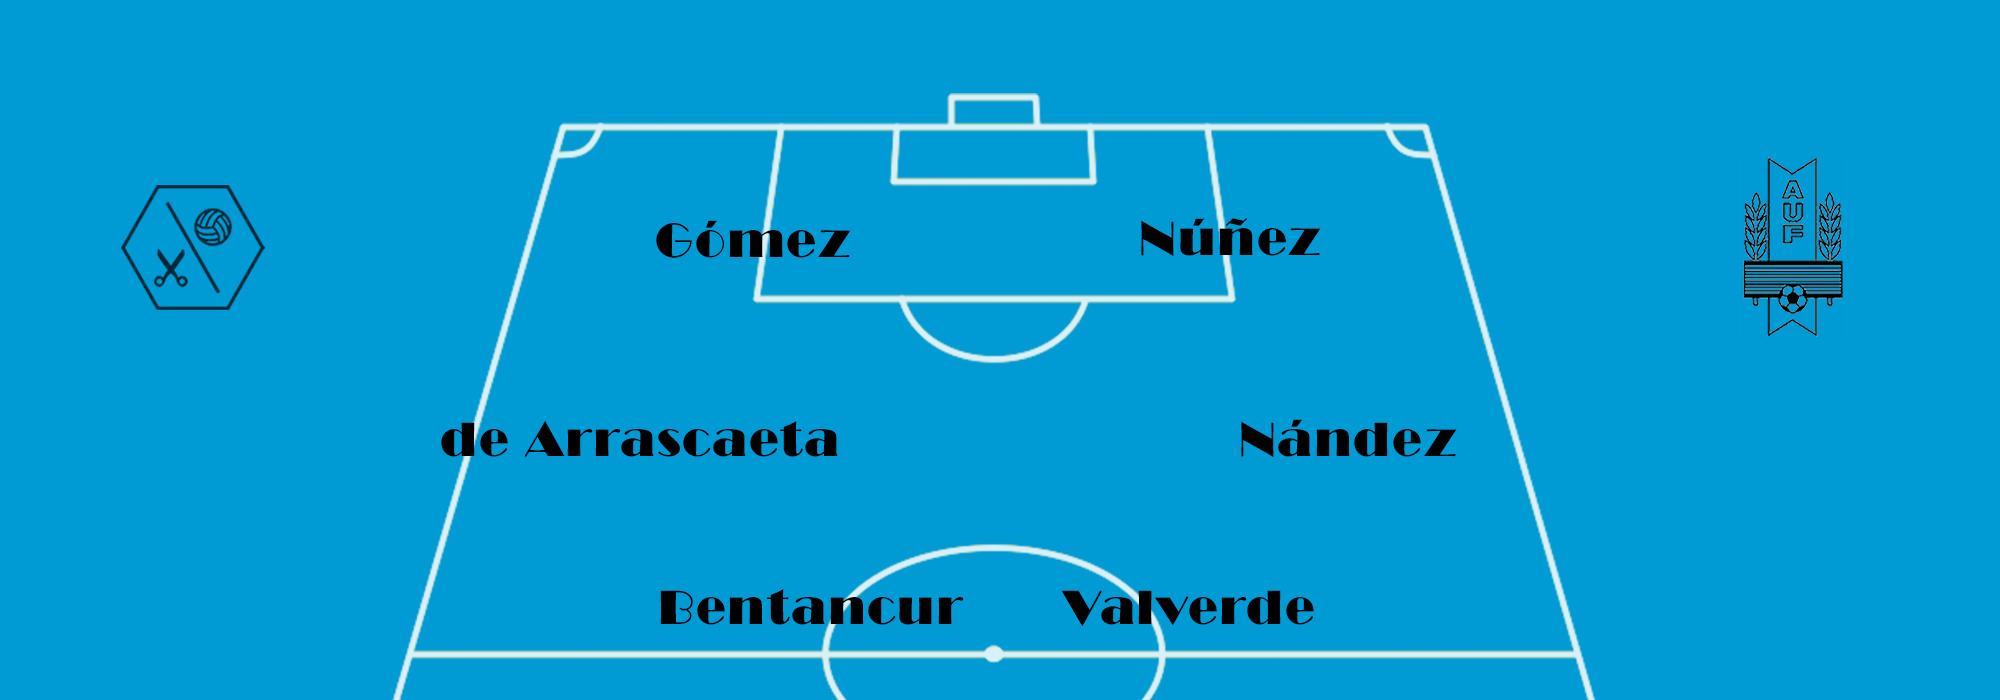 Uruguay Analysis